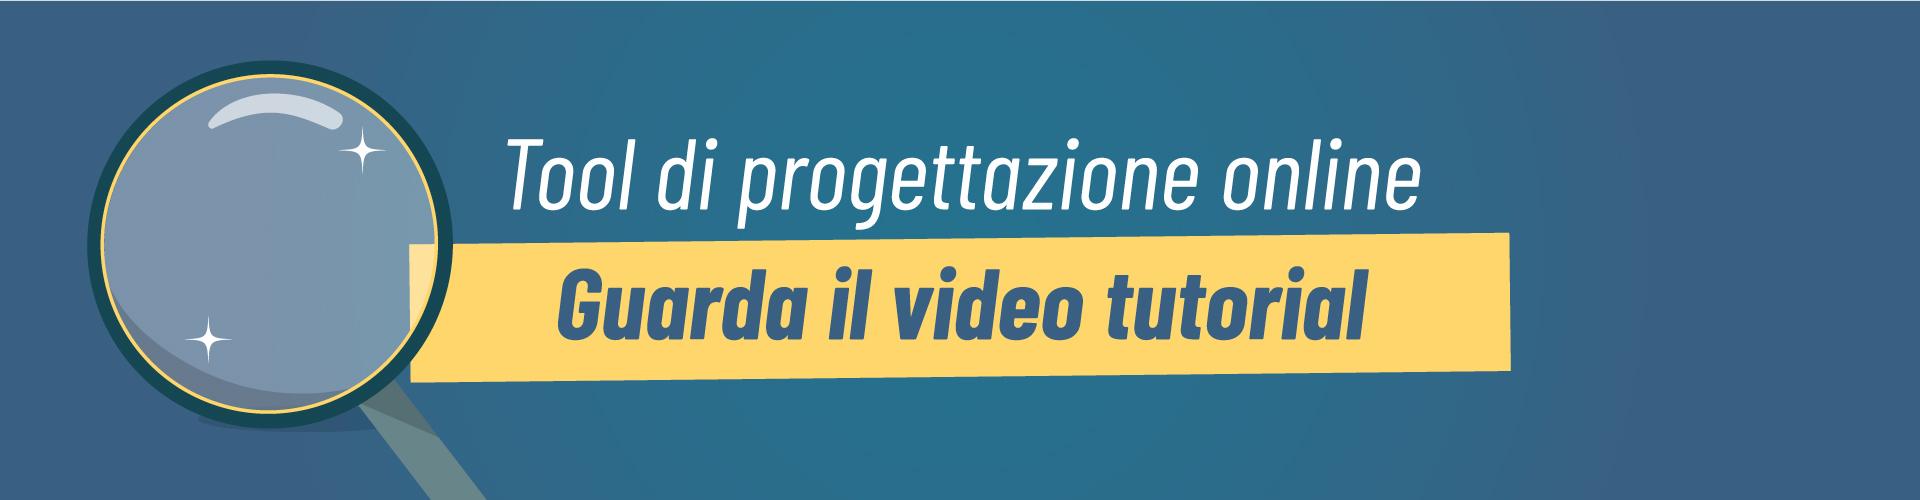 Banner sul video tutorial del tool di progettazione online